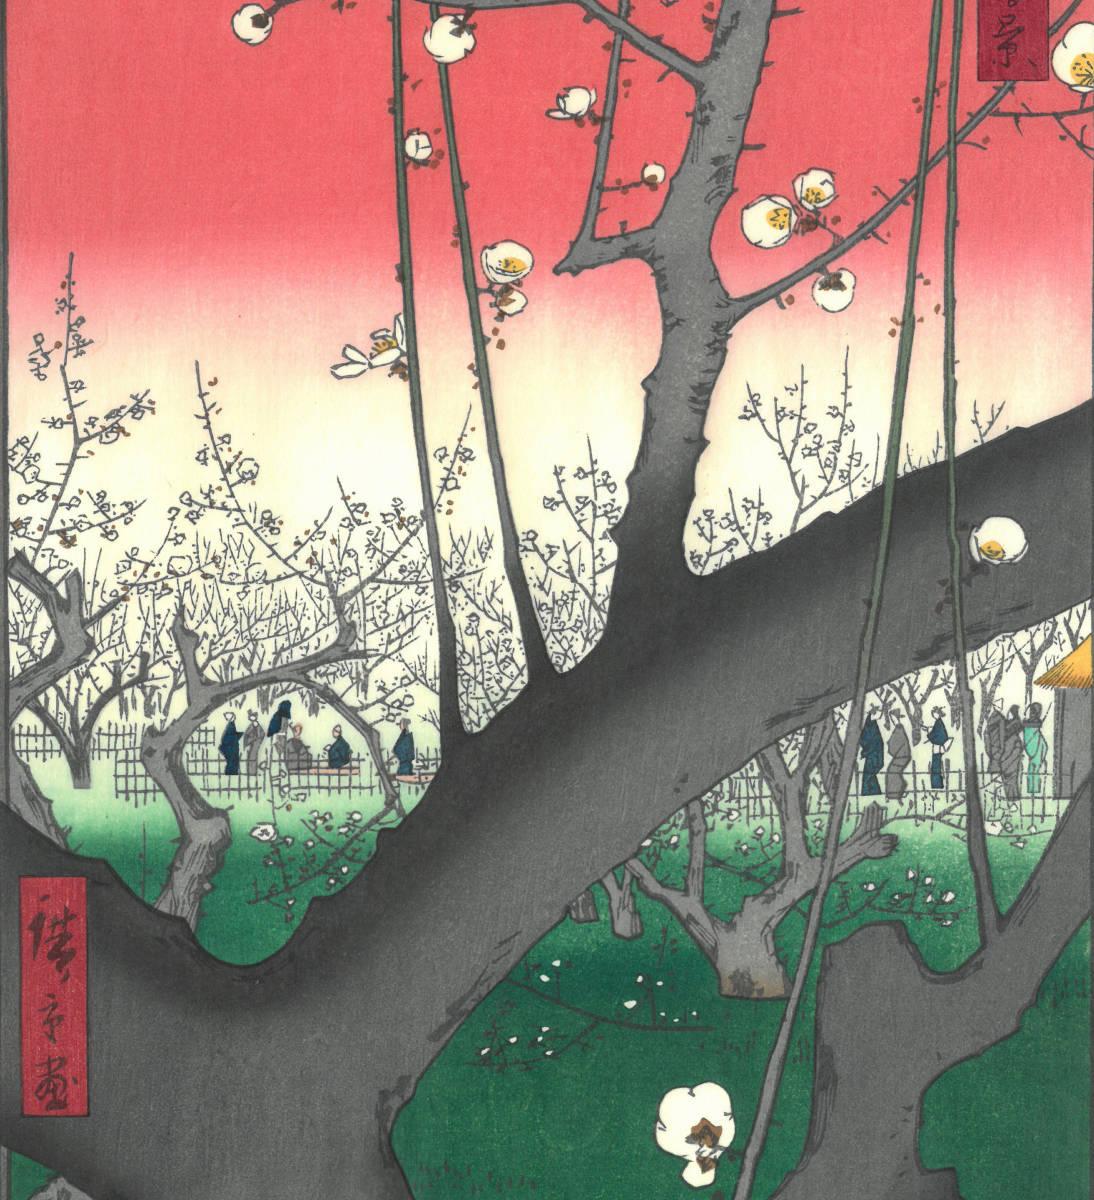 歌川広重 (Utagawa Hiroshige) 木版画 江戸百景 #30. 亀戸梅屋舗 初版1856-58年頃 広重の木版画の真の素晴らしさをご堪能下さい!_画像6